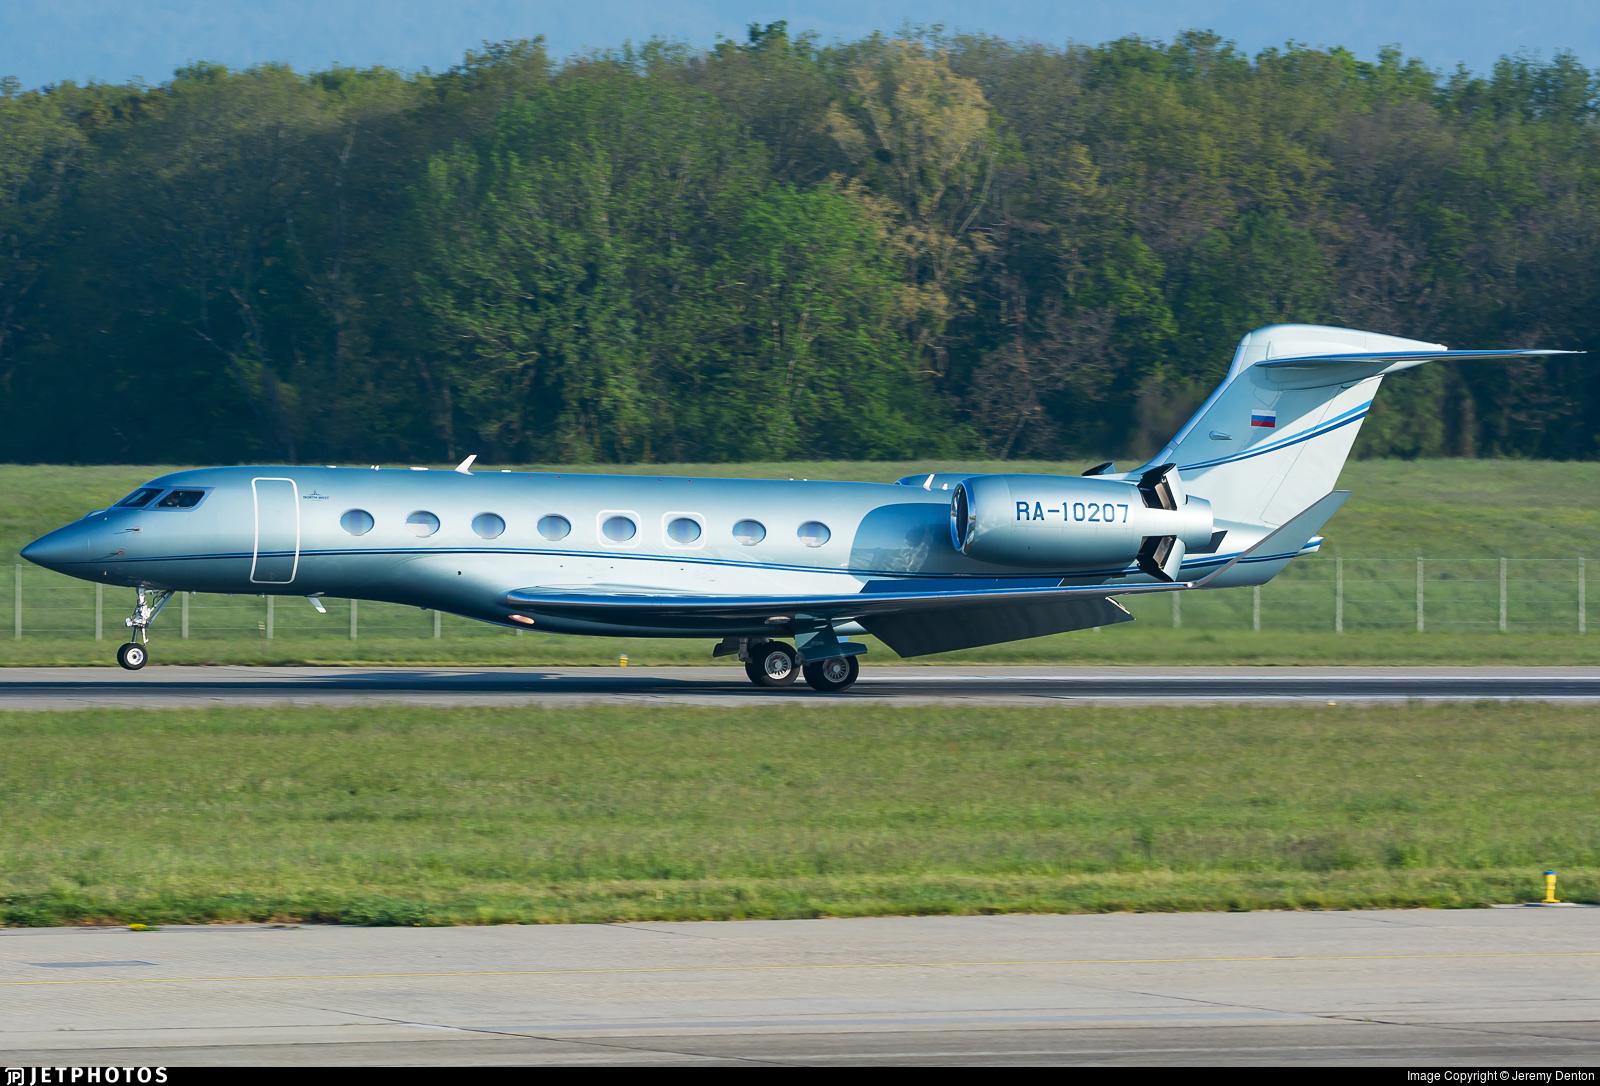 RA-10207 - Gulfstream G650 - Private